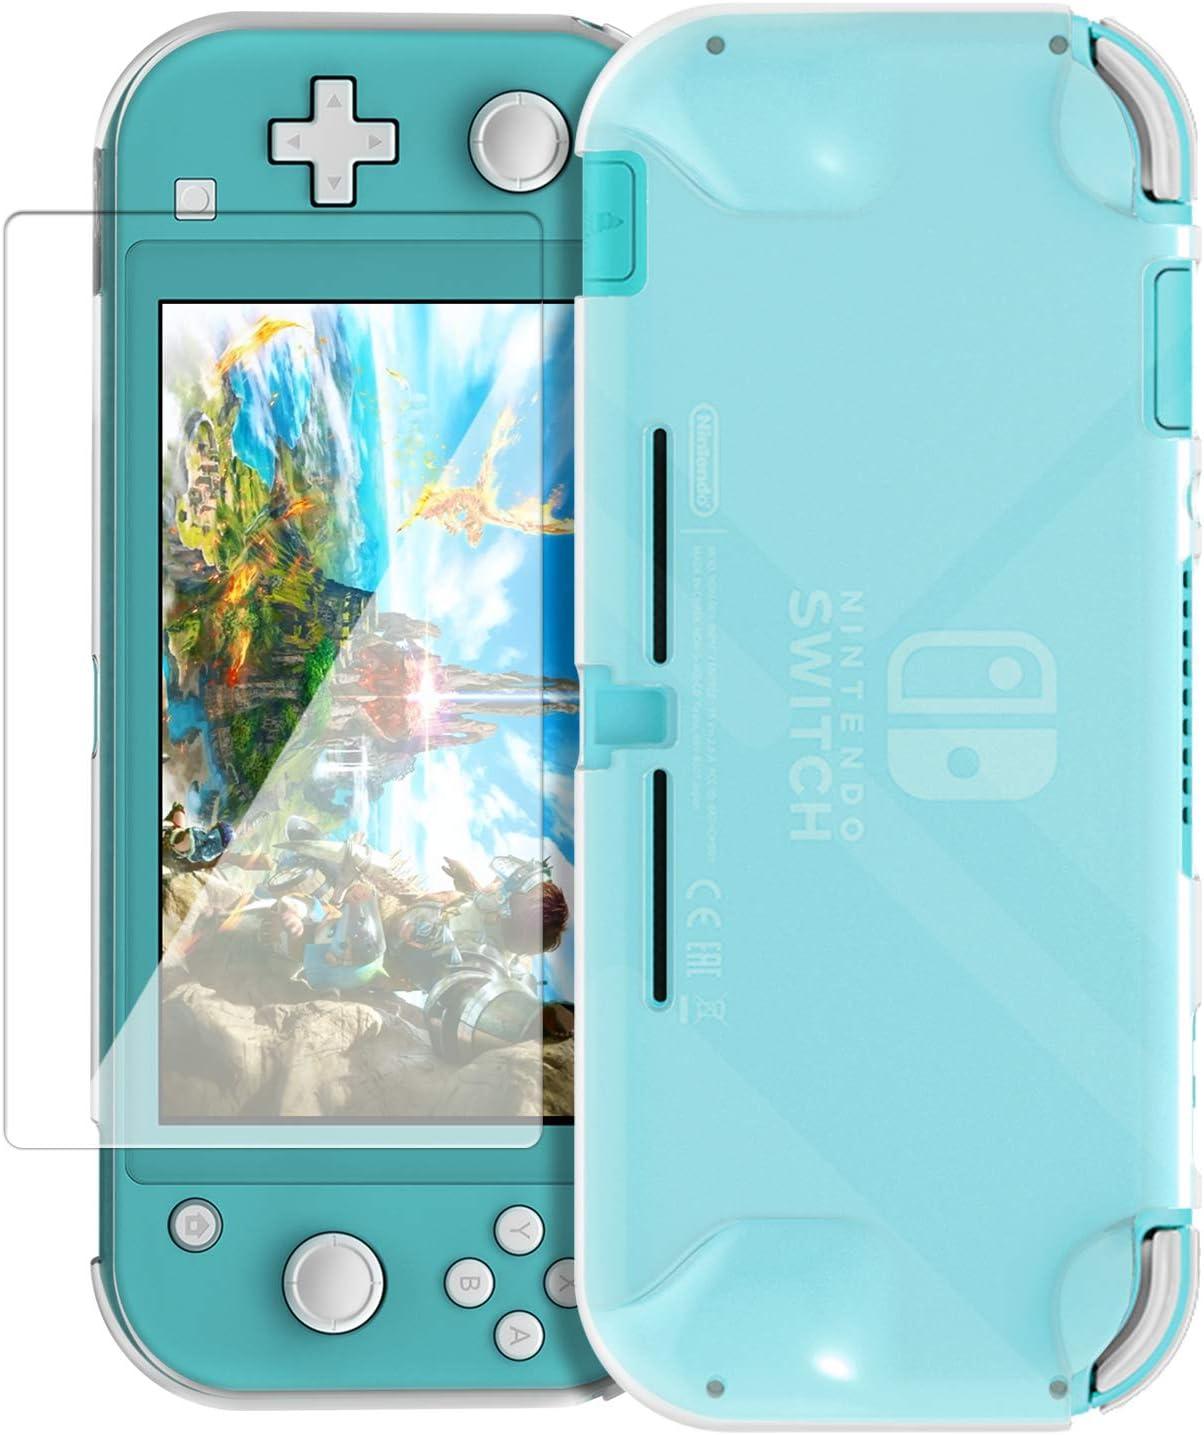 FYOUNG - Carcasa para Nintendo Switch Lite 2019 (incluye protector de pantalla de cristal templado, carcasa de TPU flexible y protector de pantalla): Amazon.es: Electrónica